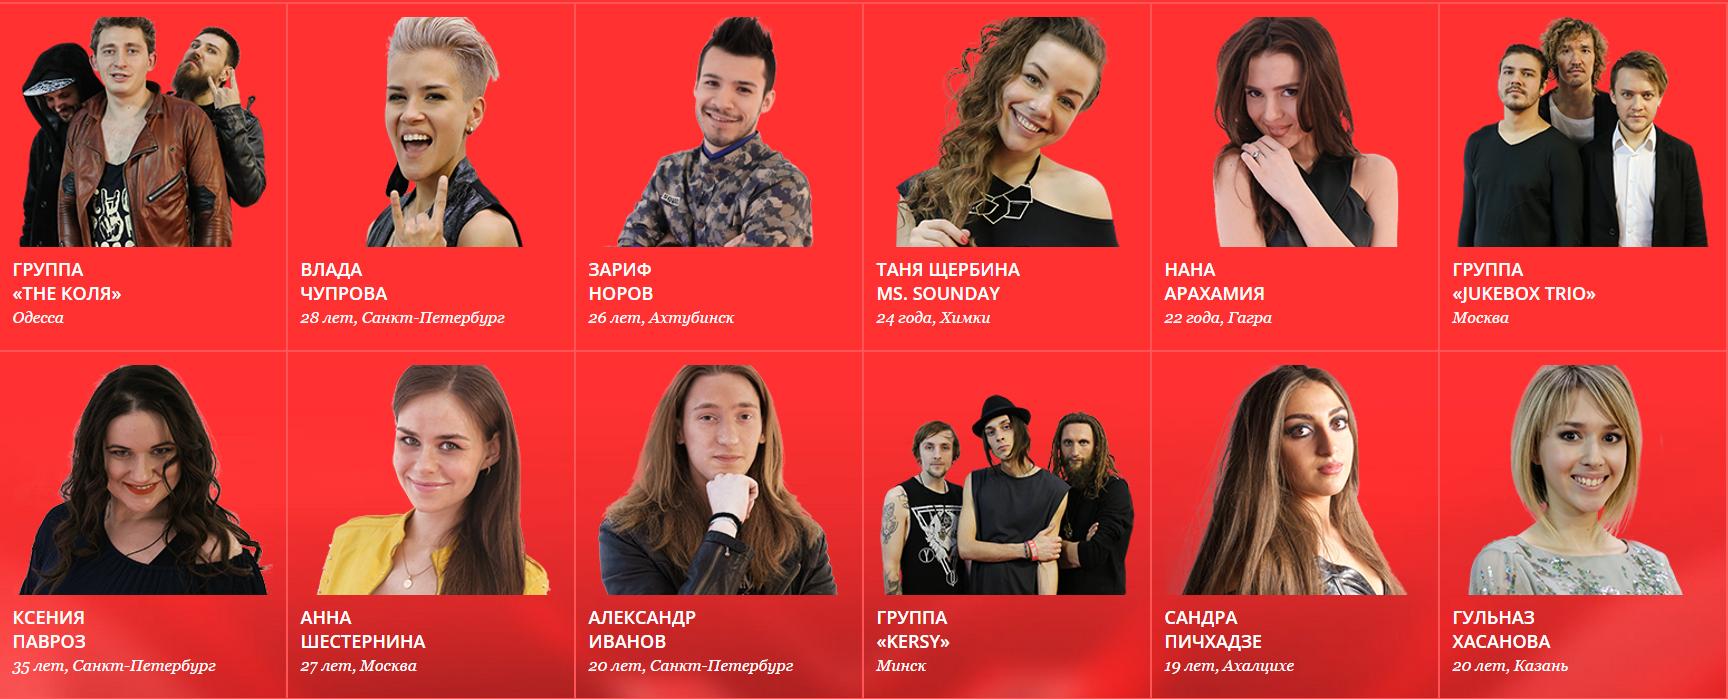 Официальный сайт Валерия Леонтьева